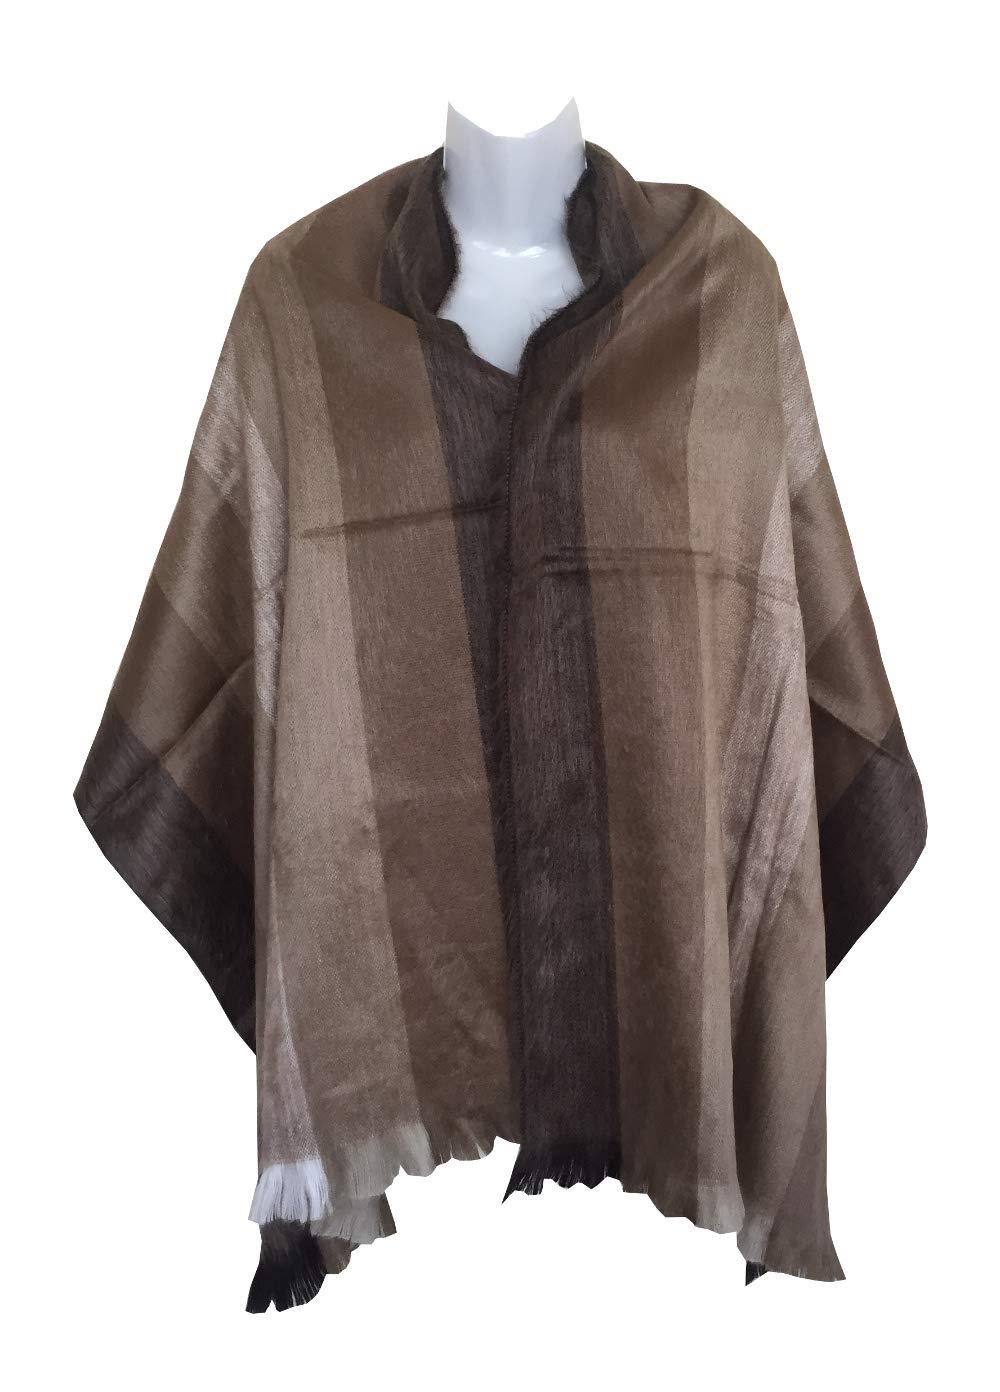 Color 2 Alpaca Wool Lightweight Shawl Scarf Fashion Accessory